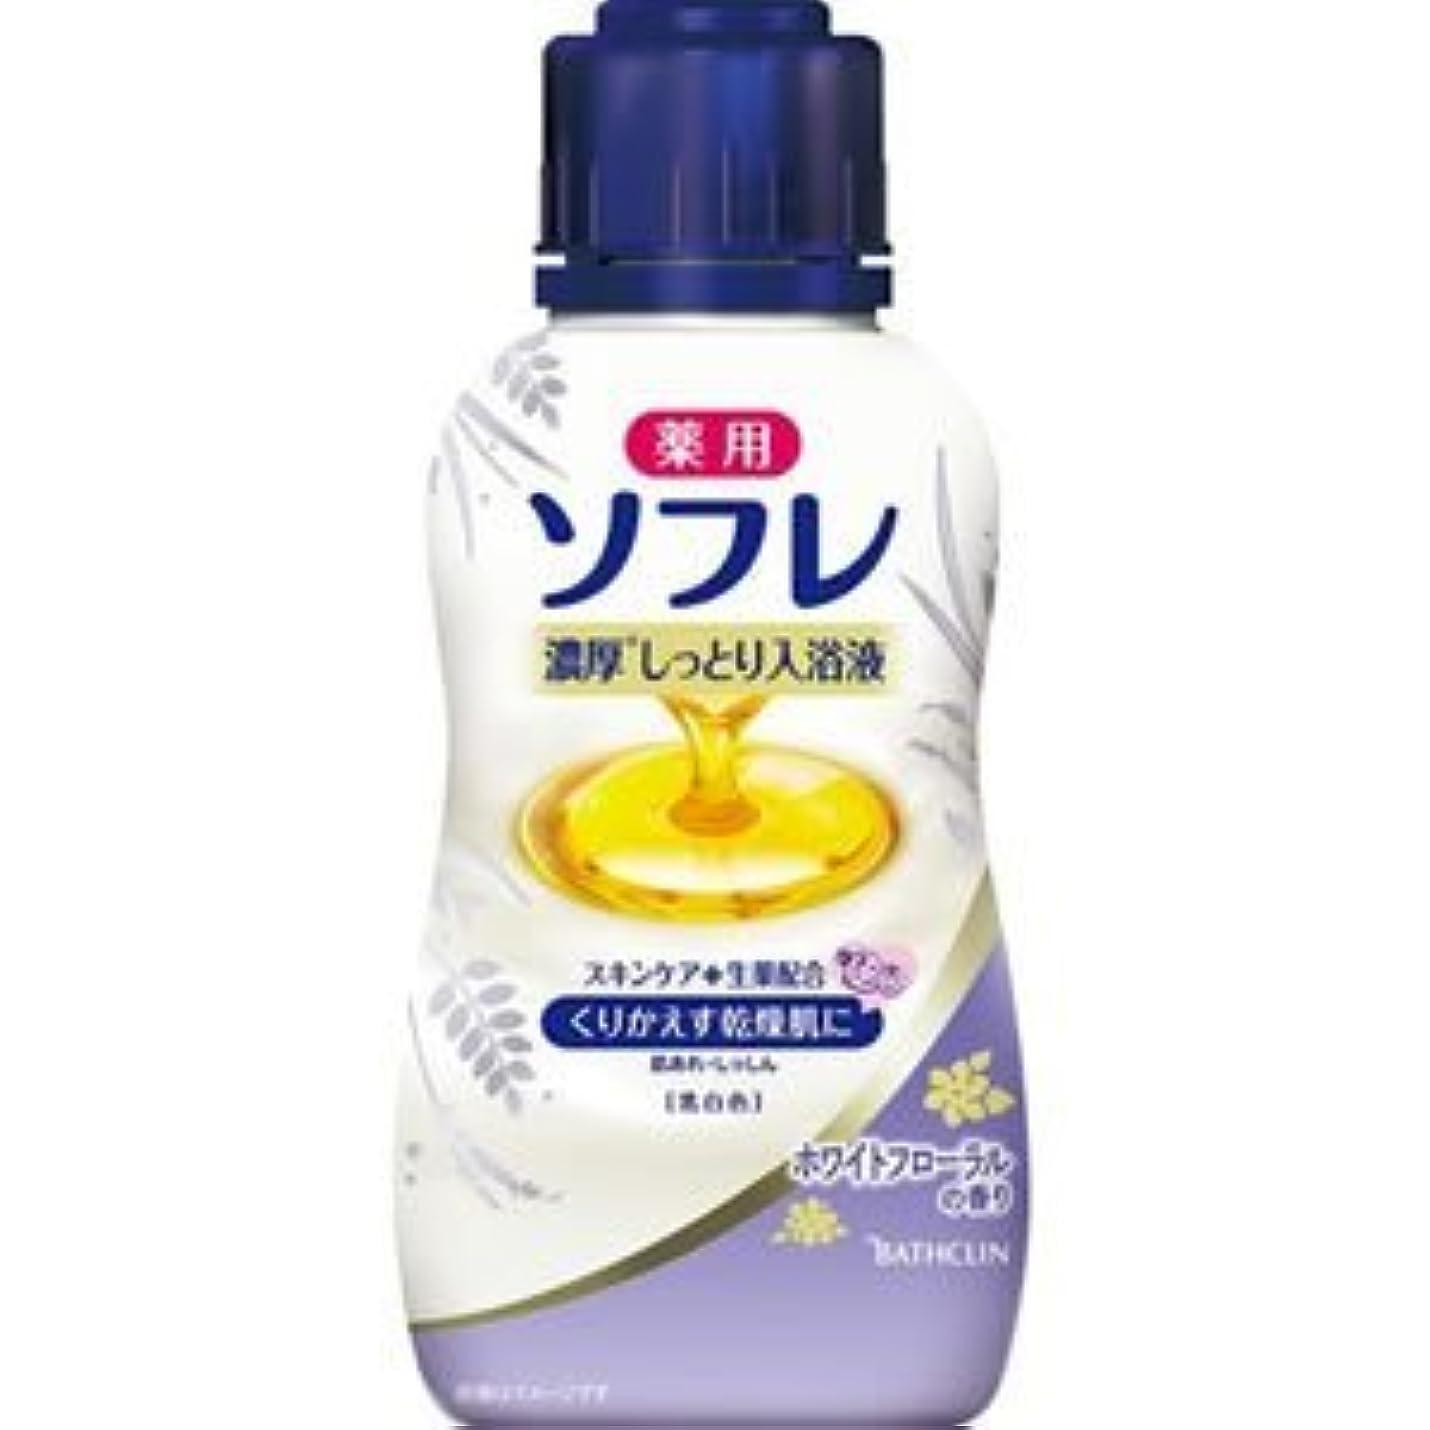 プレート労苦霜(バスクリン)薬用ソフレ 濃厚しっとり入浴液(ホワイトフローラルの香り)(お買い得3本セット)480ml(医薬部外品)